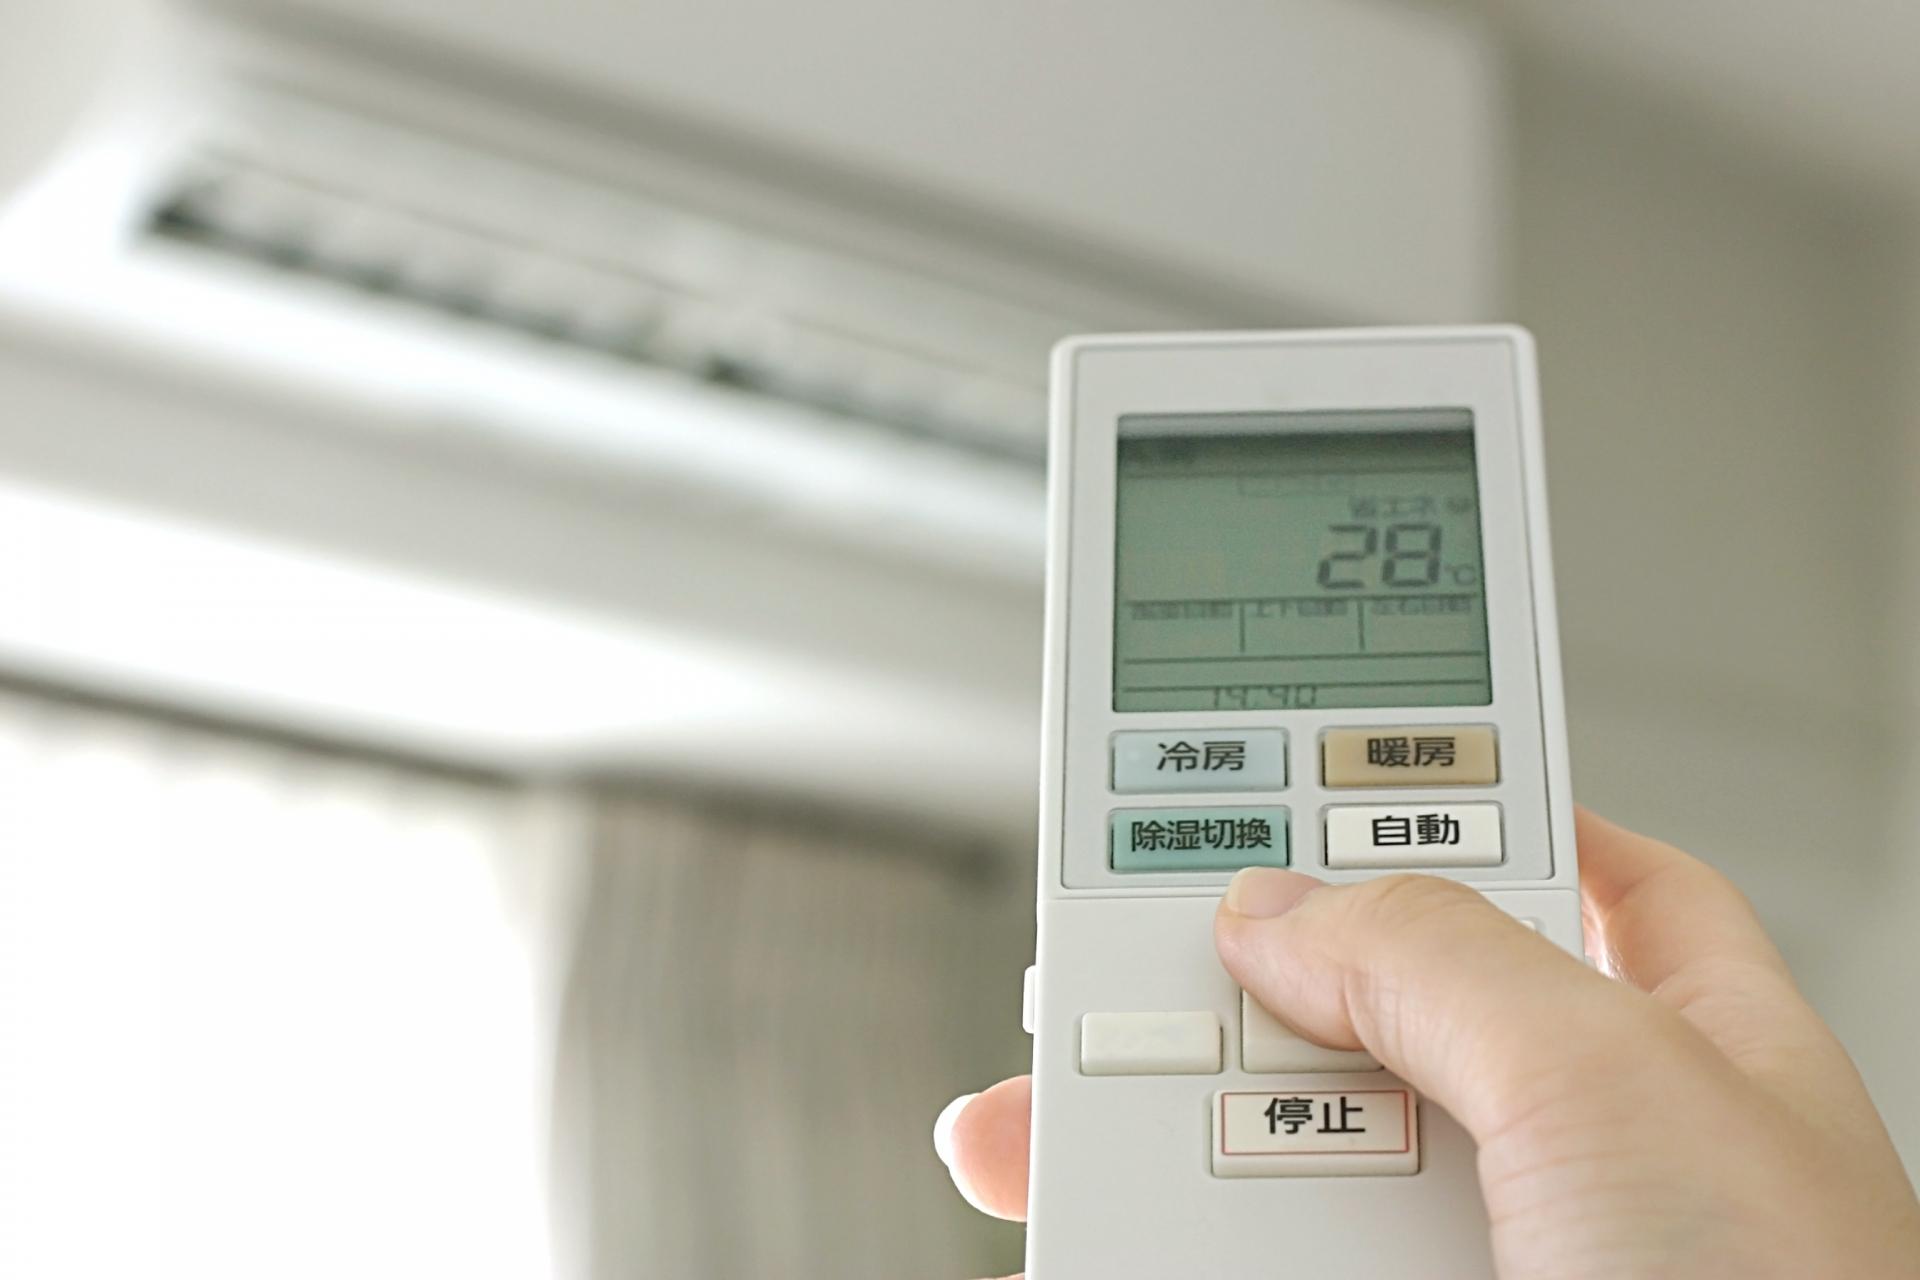 エアコン温度設定